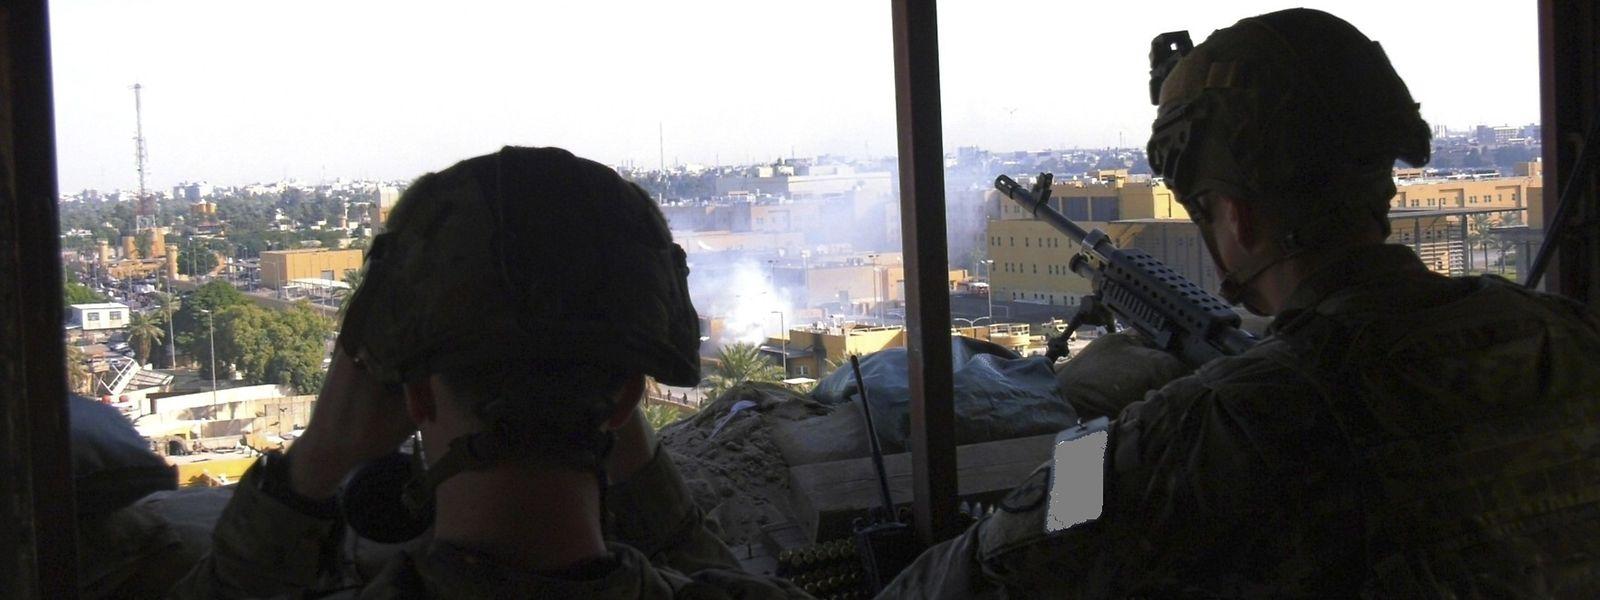 Zwei Soldaten der US-Armee beobachten von einem Posten aus die Proteste vor der Botschaft der Vereinigten Staaten in Bagdad.